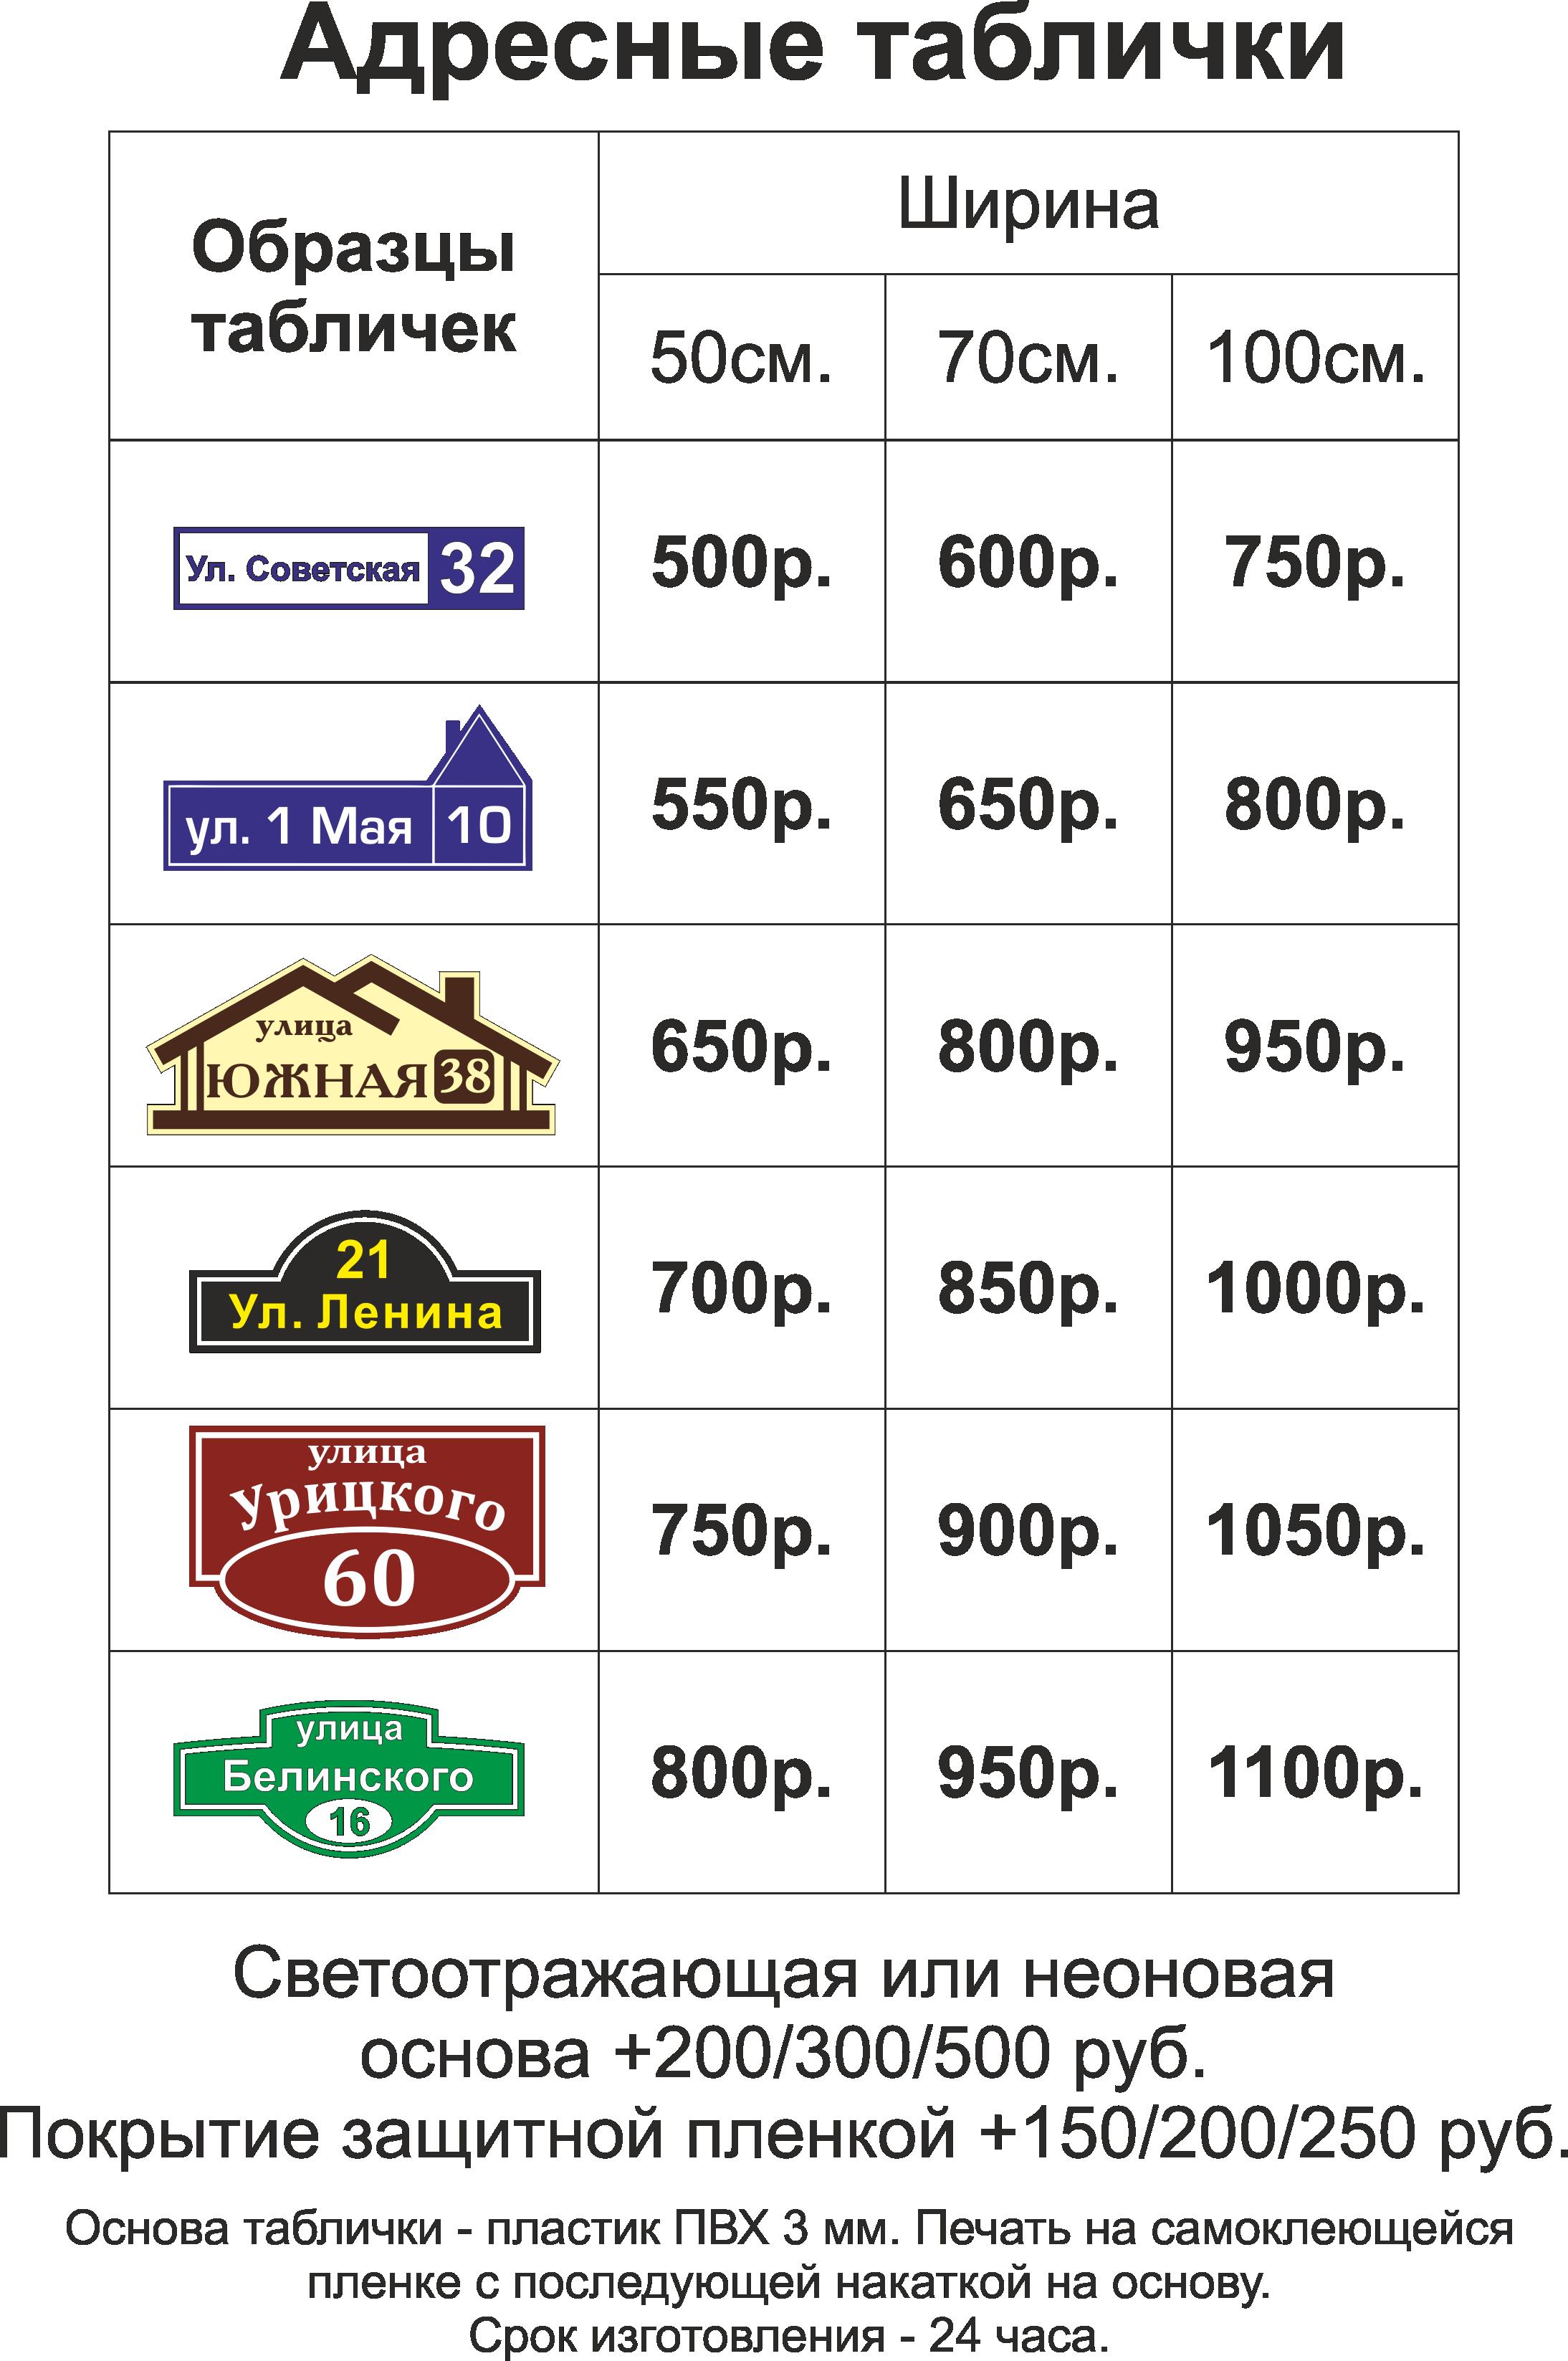 Adresnye tablichki 2020 - Адресные таблички